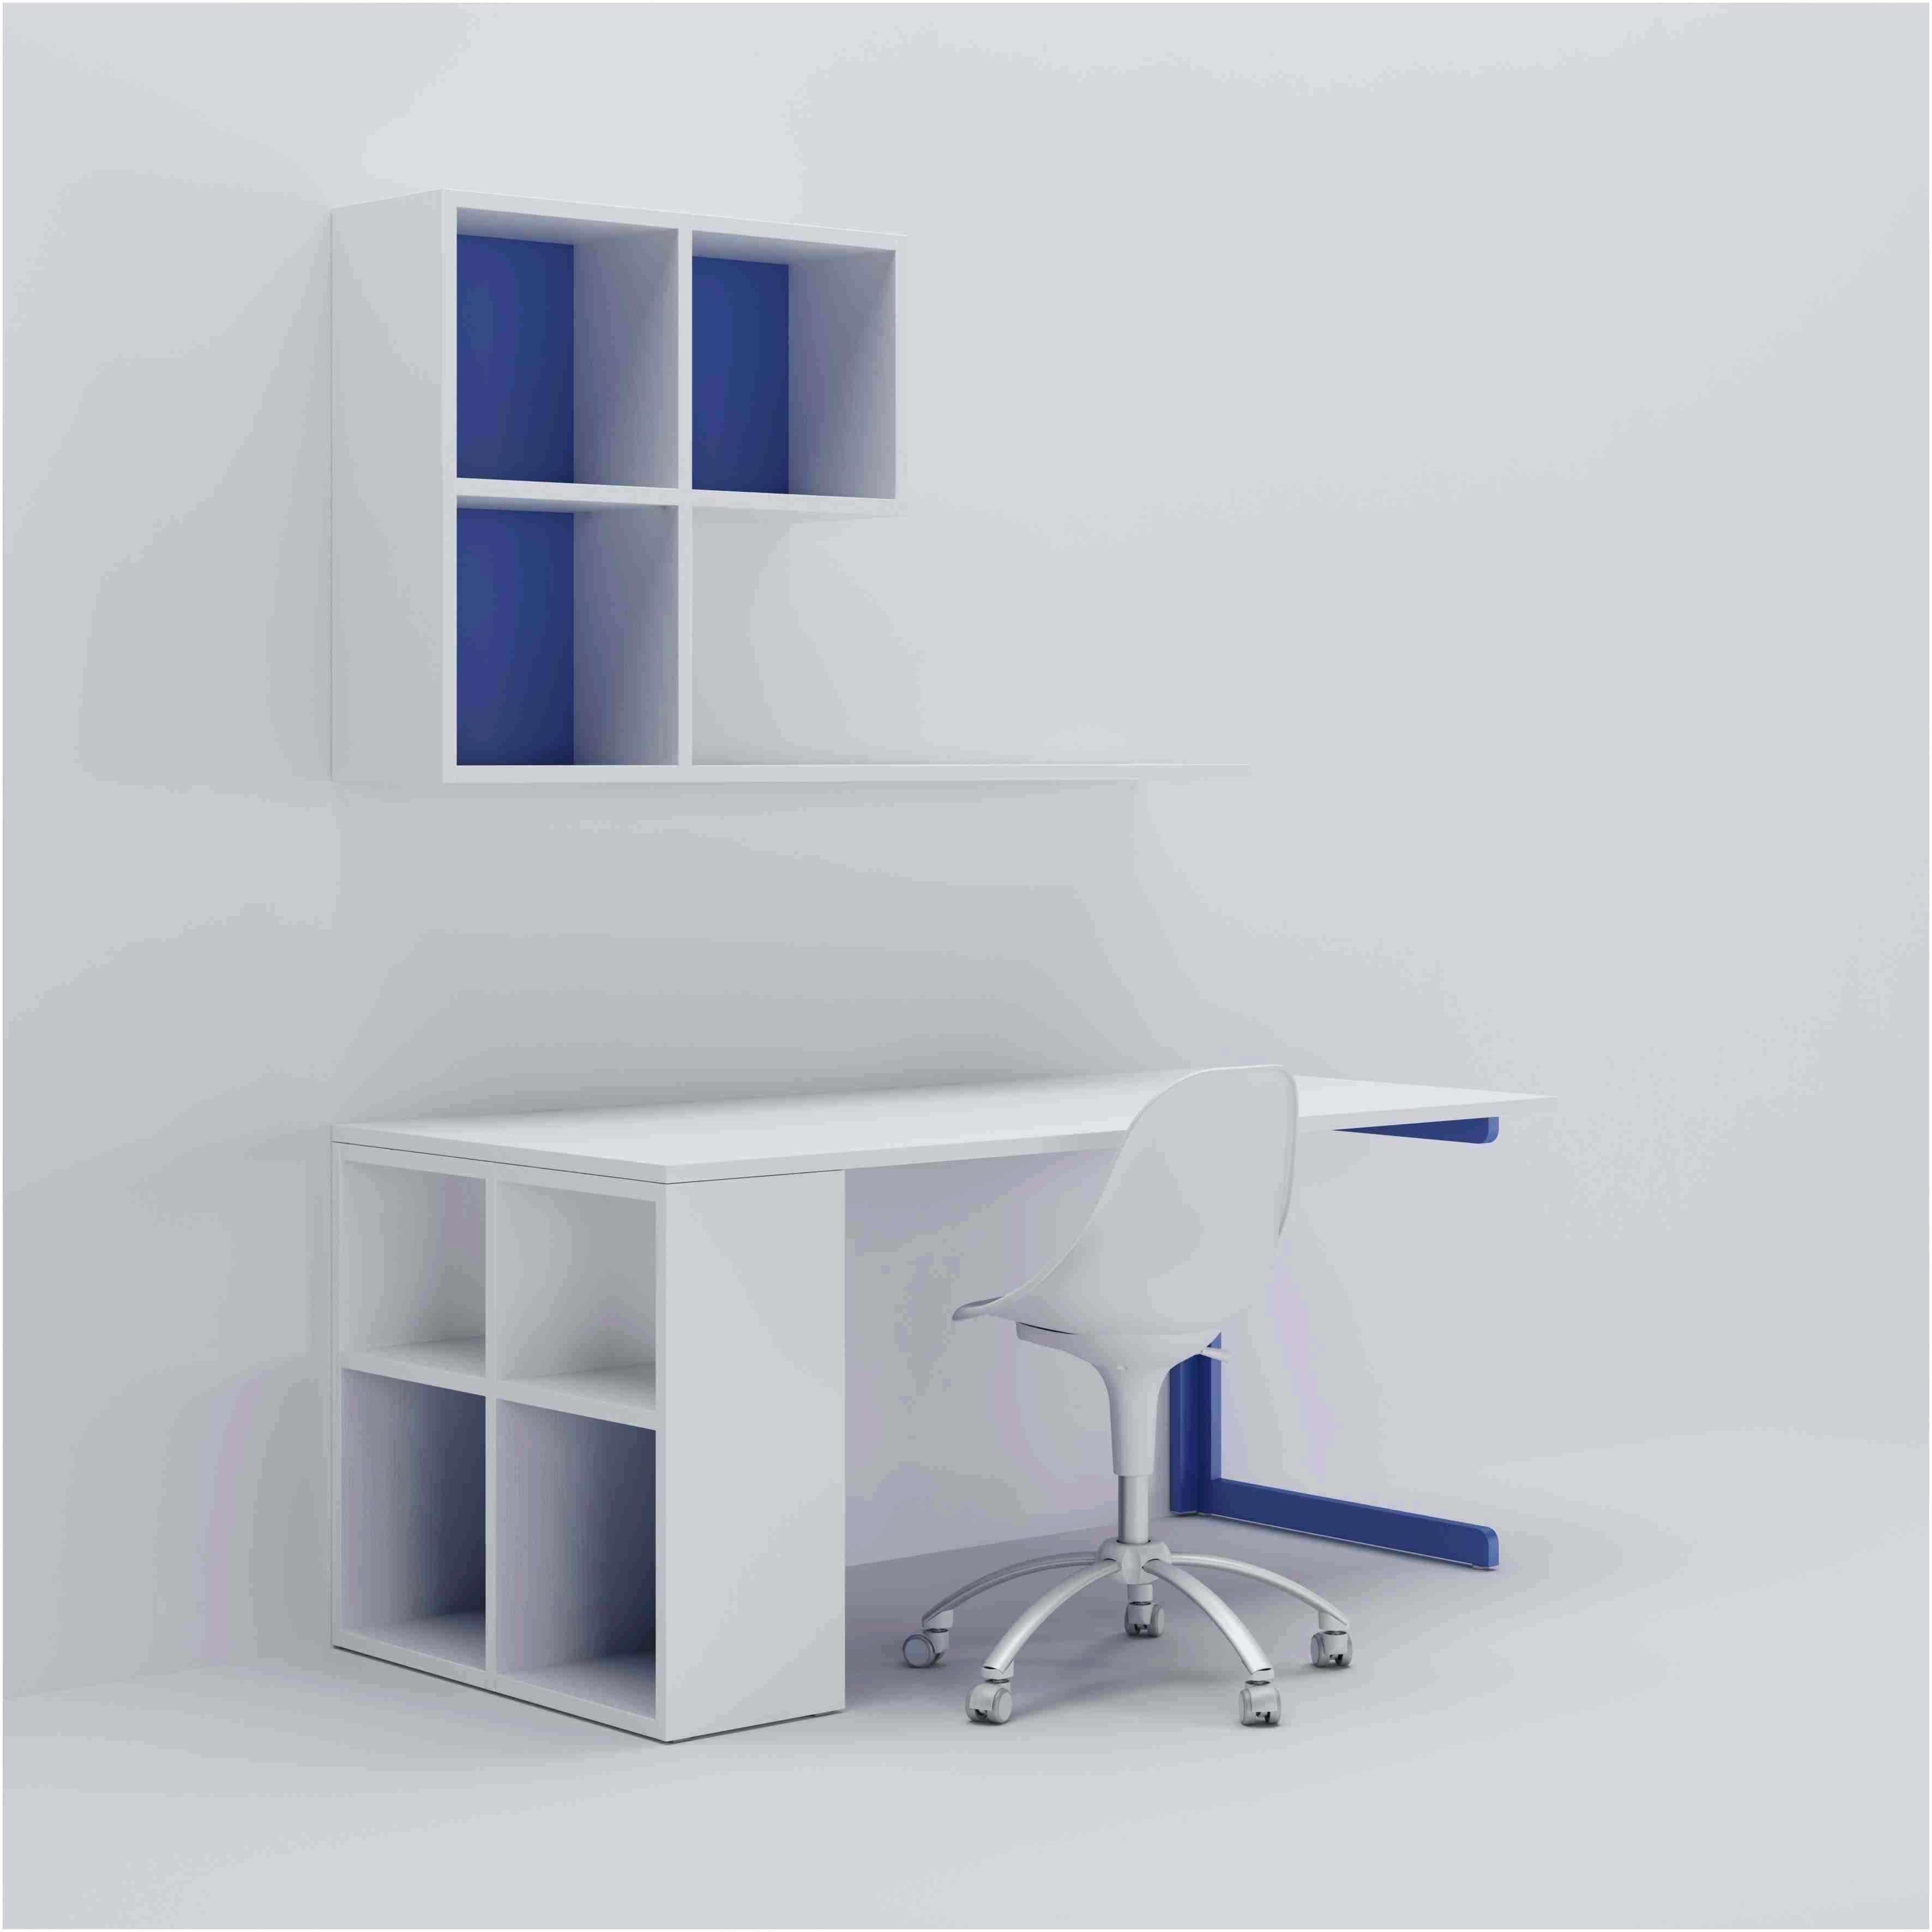 Lit Tiroir Ikea Meilleur De Nouveau Lit 2 Places De Luxe Lit Gigogne Simple Banquette Lit 0d